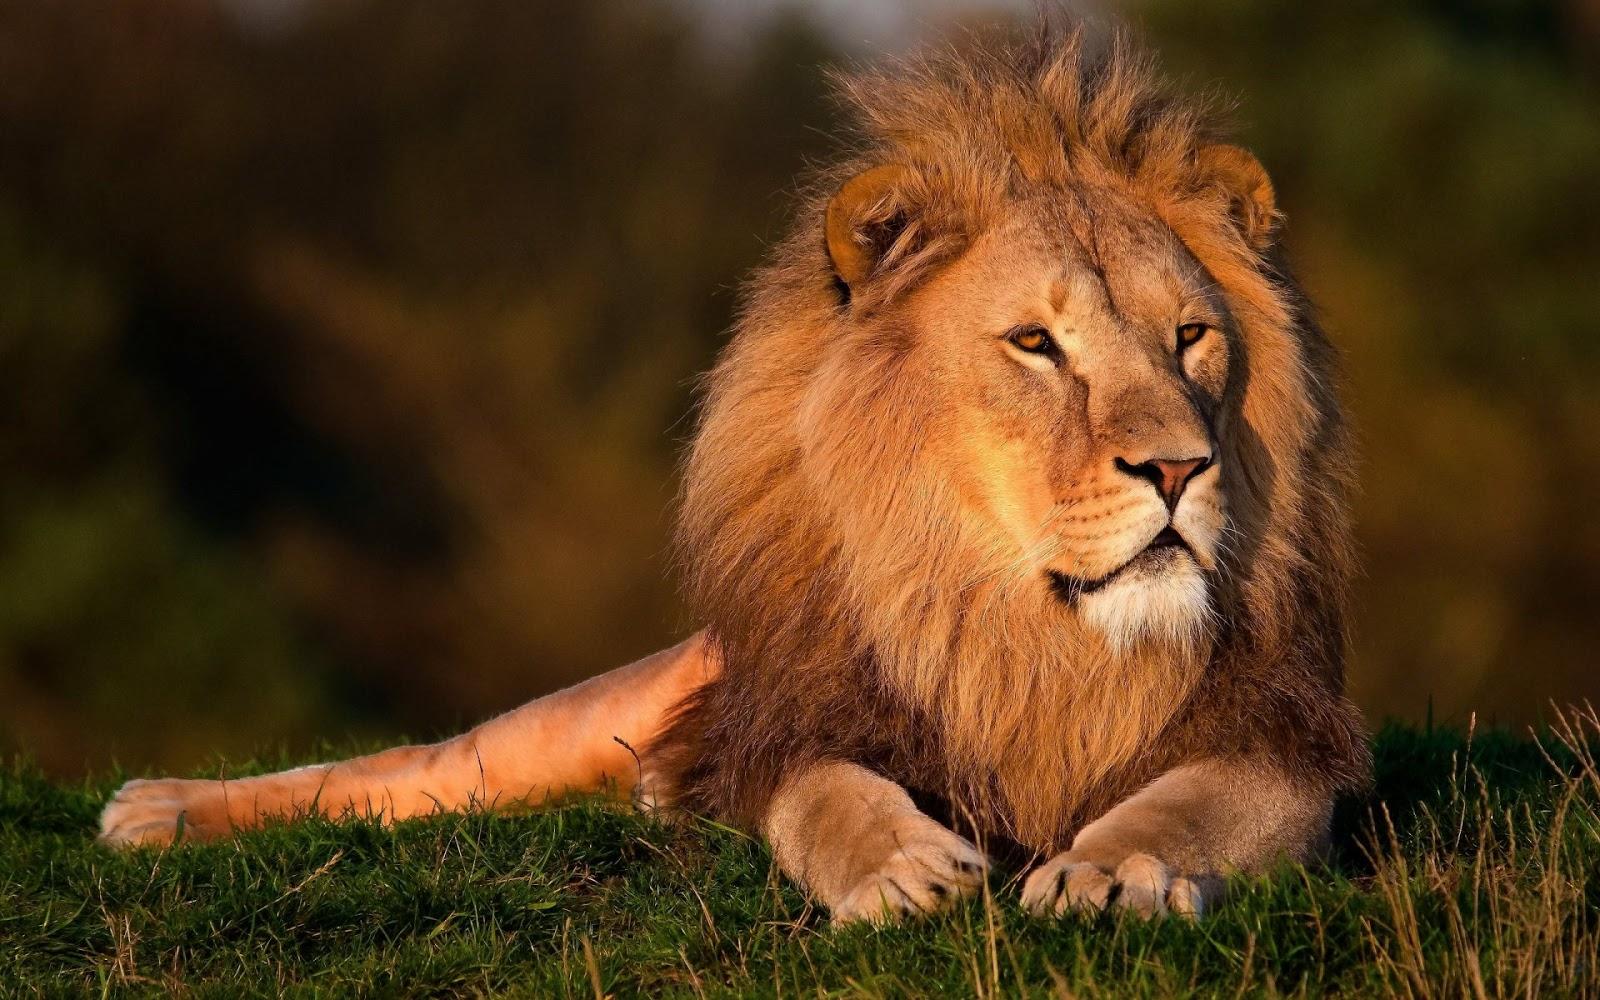 Lion Male Chilling